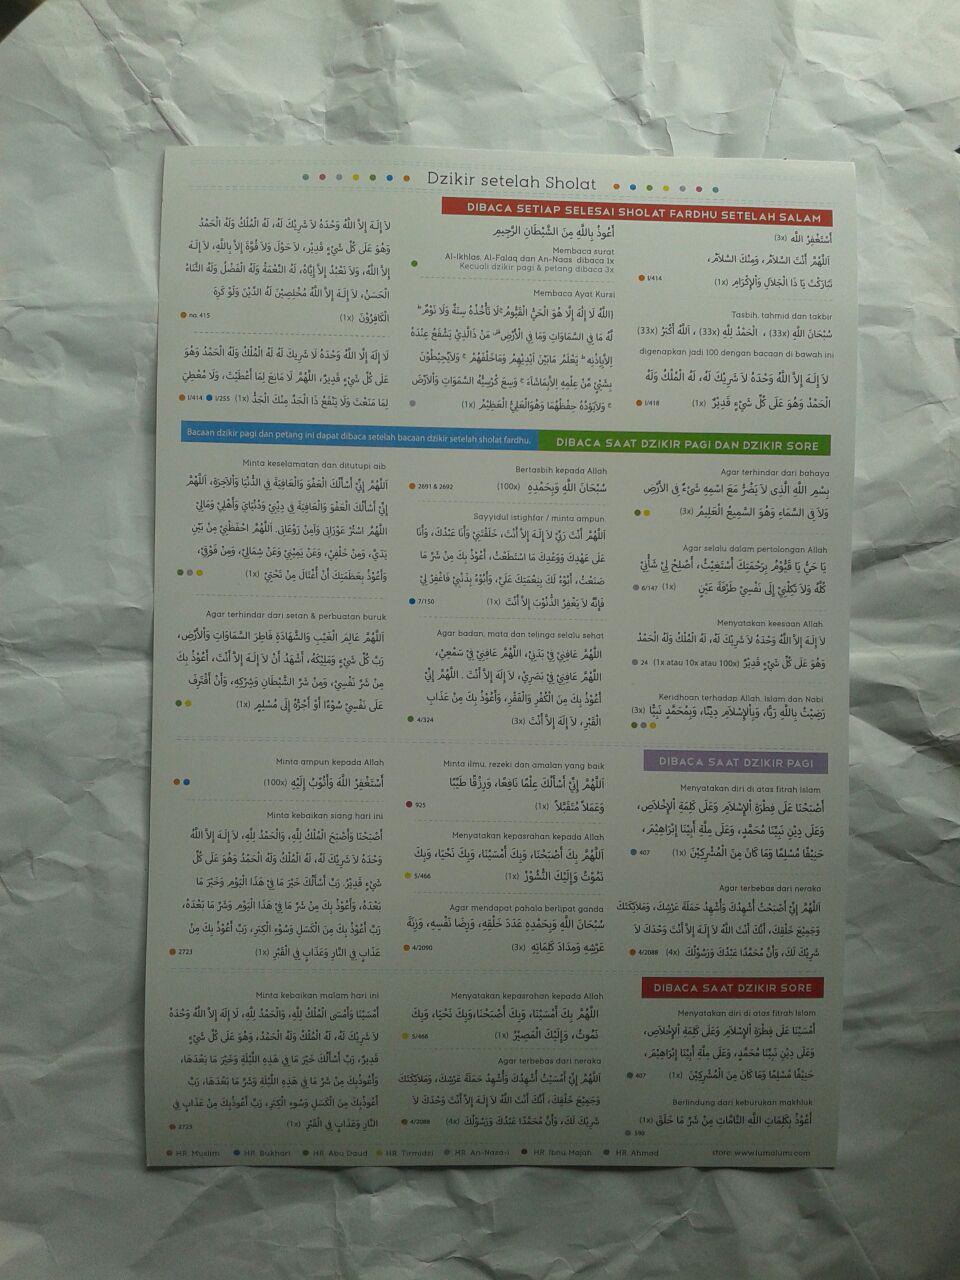 Poster Dzikir Setelah Sholat 12,000 10% 10,800 Luma Lumi